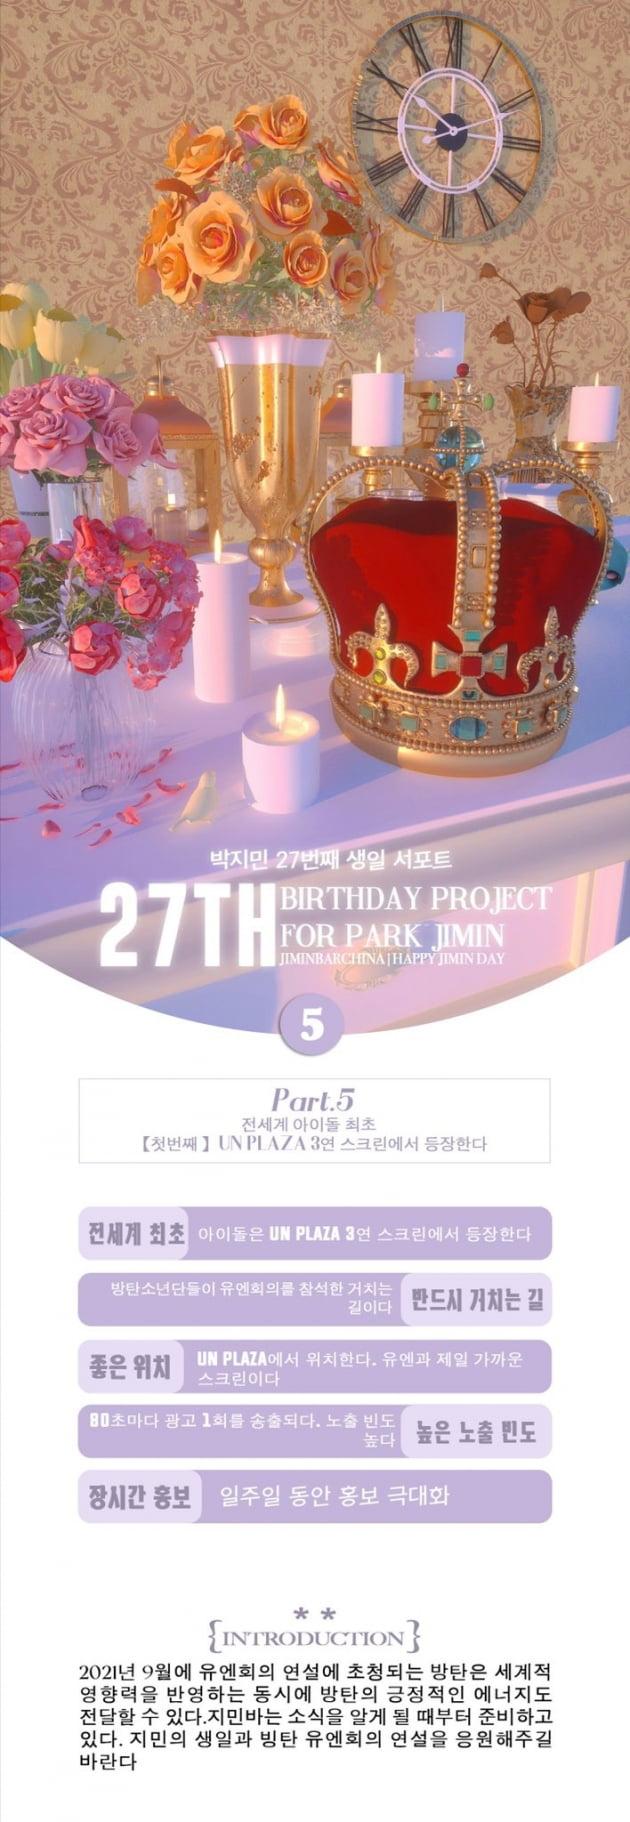 방탄소년단 지민 특사, 세계 최초 UN 프라자 3면 스크린 생일축하 송출